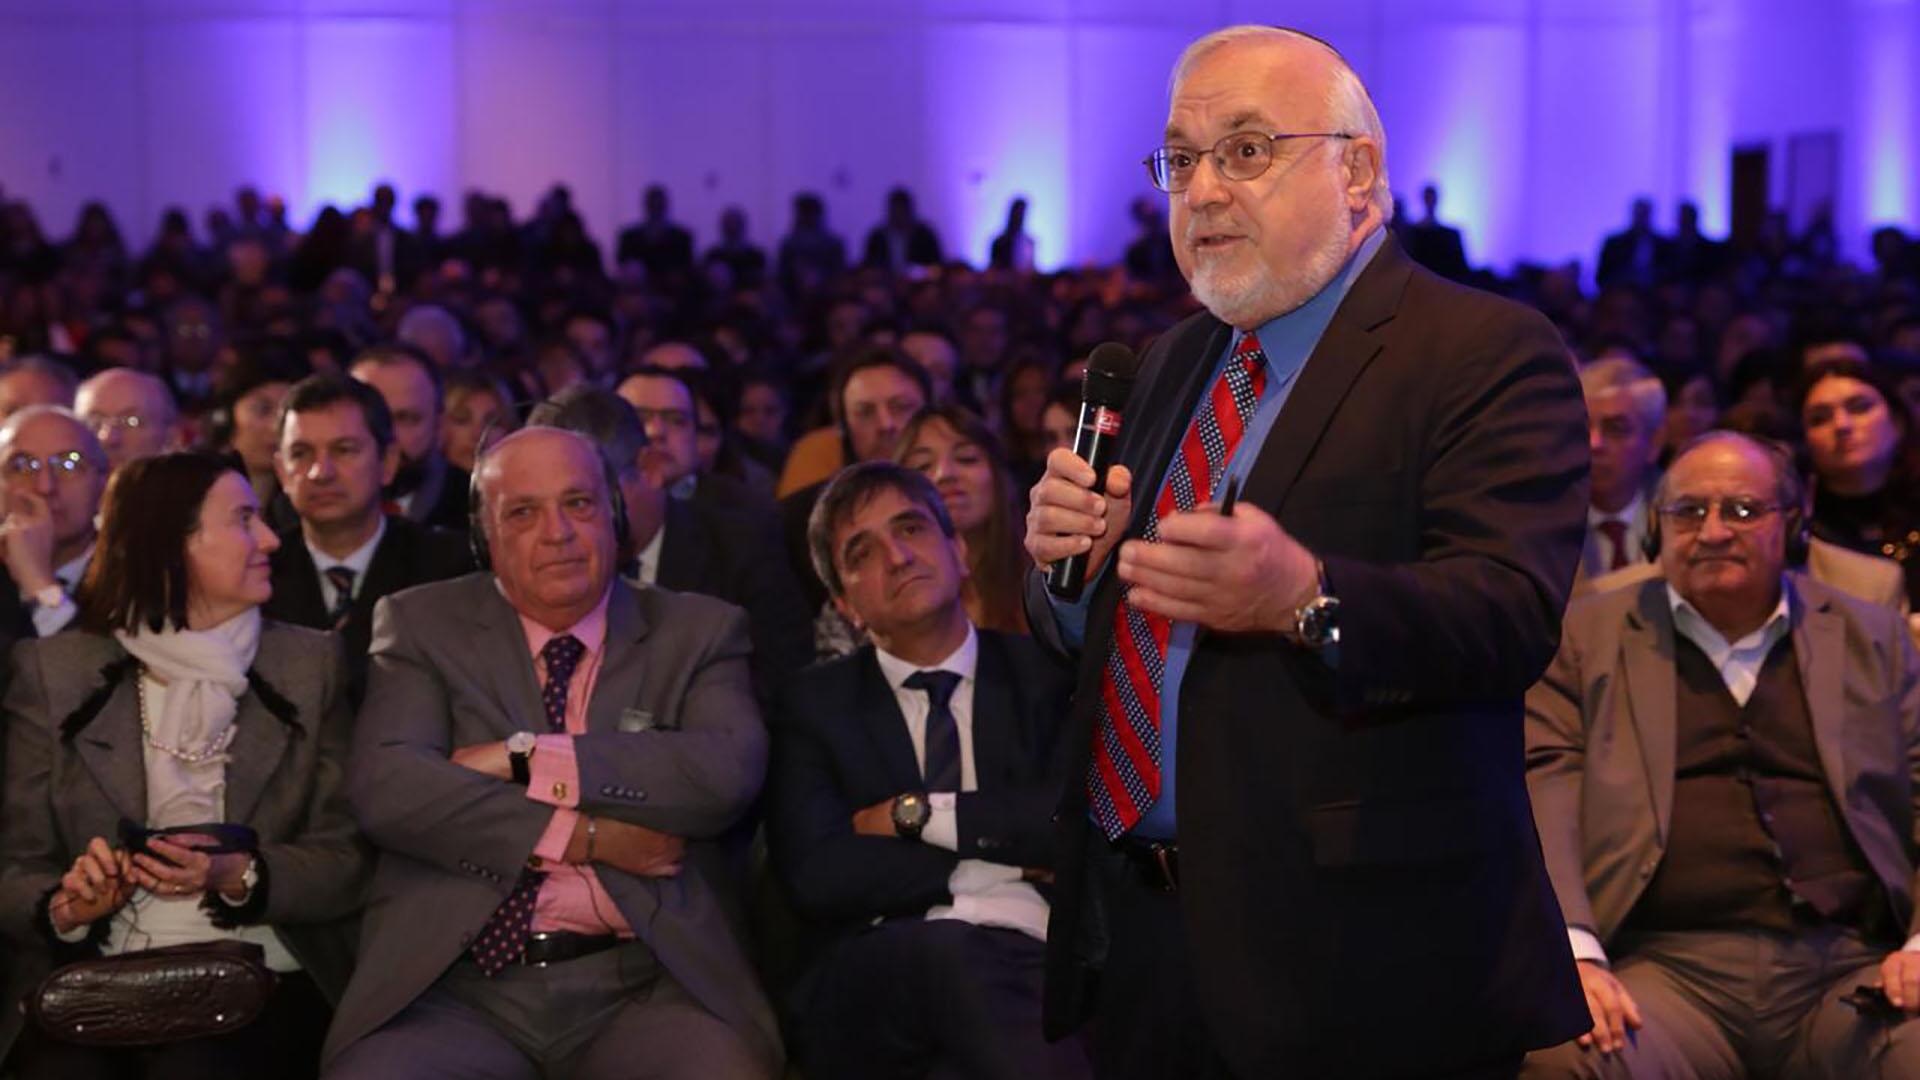 Autoridades del Centro Simon Wiesenthal durante la presentación en Argentina de su informe sobre odio y ciberterrorismo en redes sociales